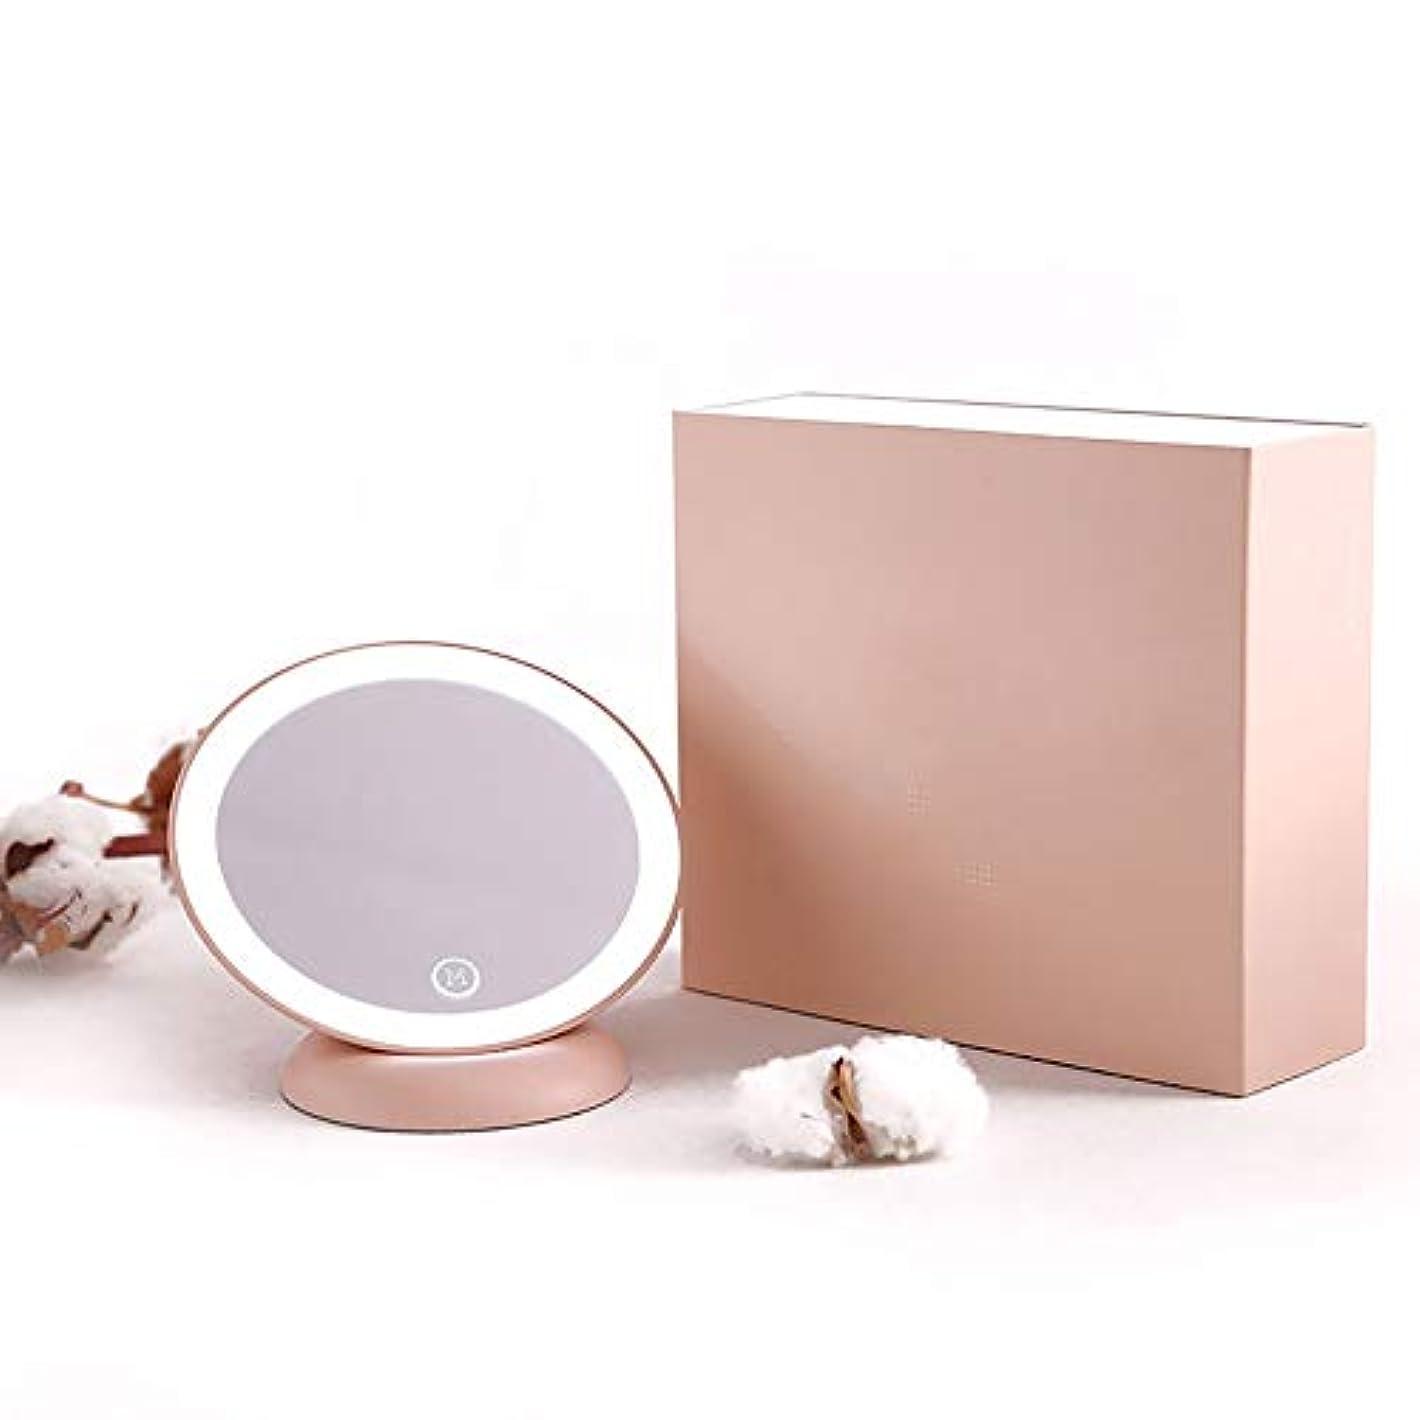 化学スティックたとえ流行の 磁石を運ぶ創造的なライト360度回転ピンク1200mAh化粧鏡